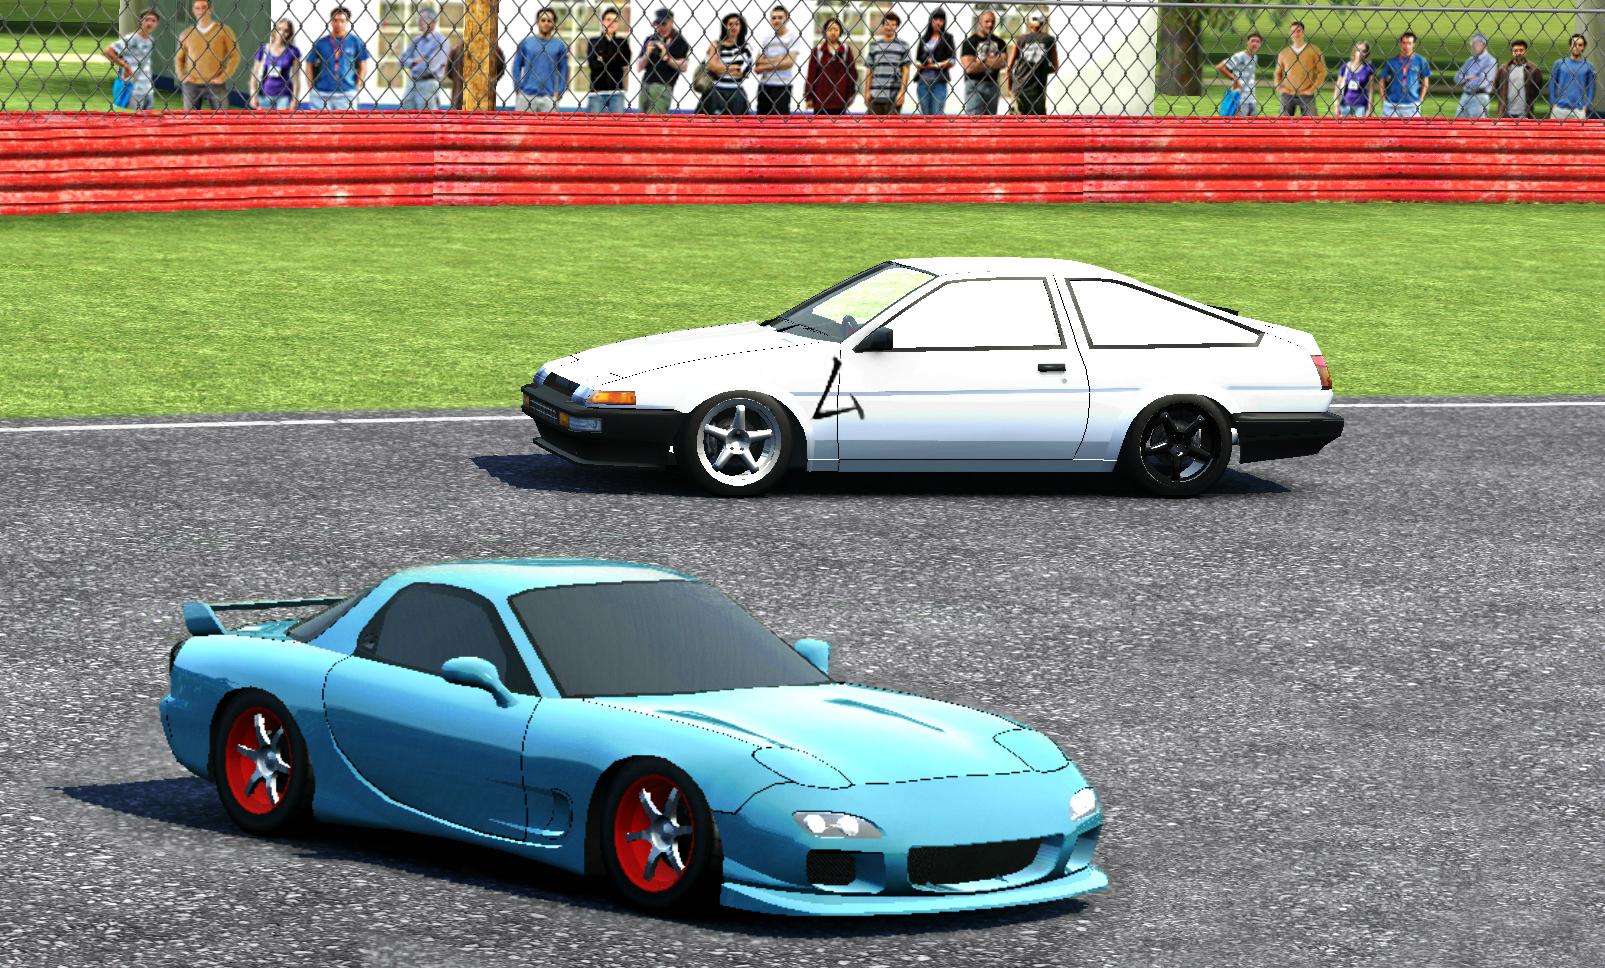 Car X Drift Racing Initial D By On Deviantart